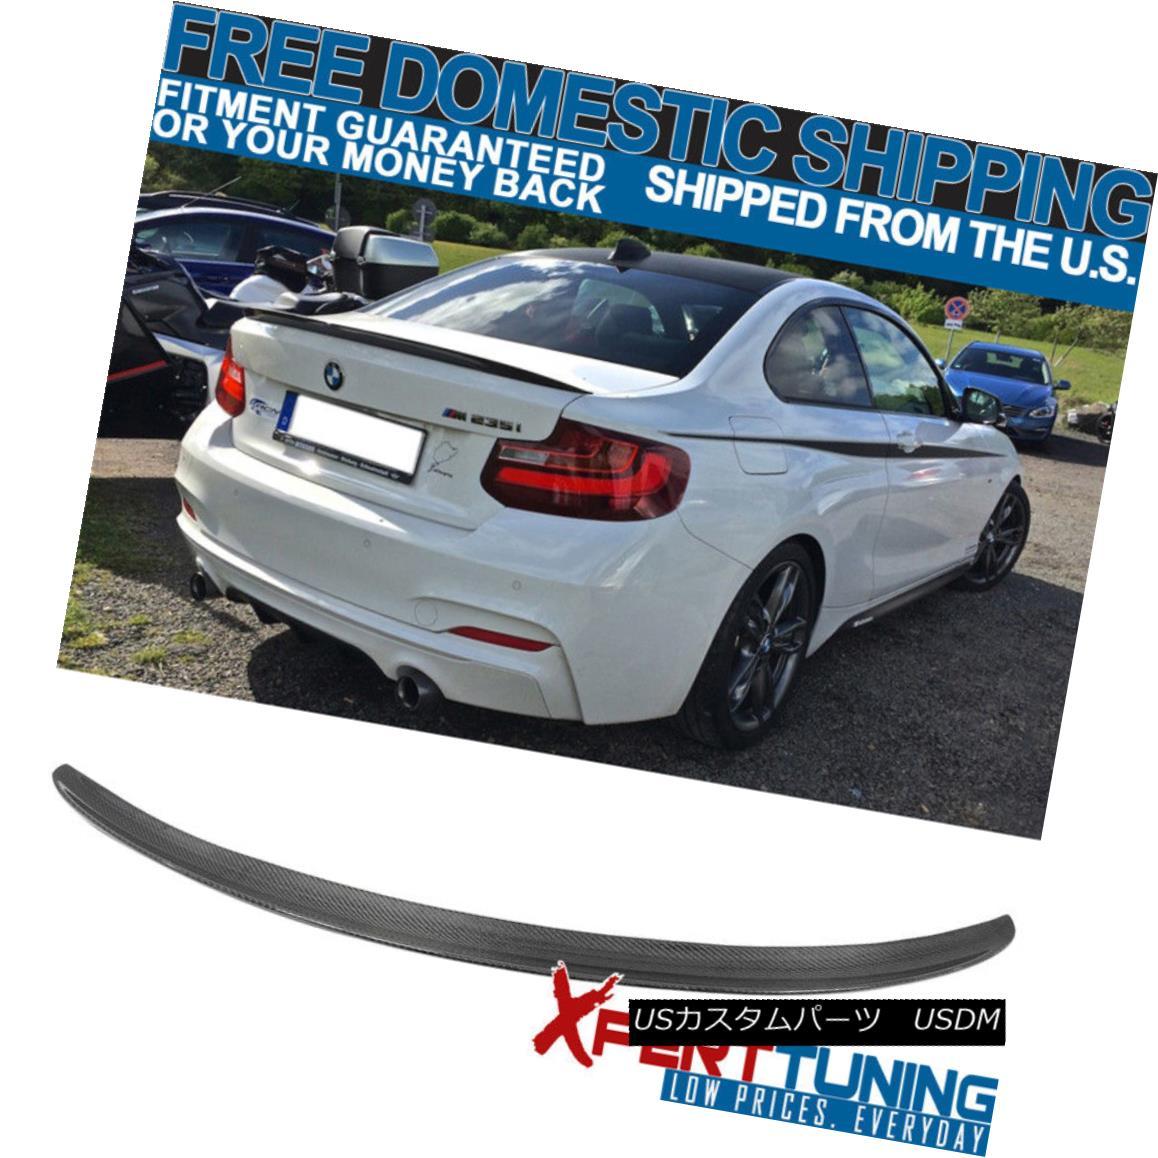 エアロパーツ 14-18 BMW 2 Series F22P Style Trunk Spoiler - Carbon Fiber CF 14-18 BMW 2シリーズF22Pスタイルトランク・スポイラー - カーボンファイバーCF